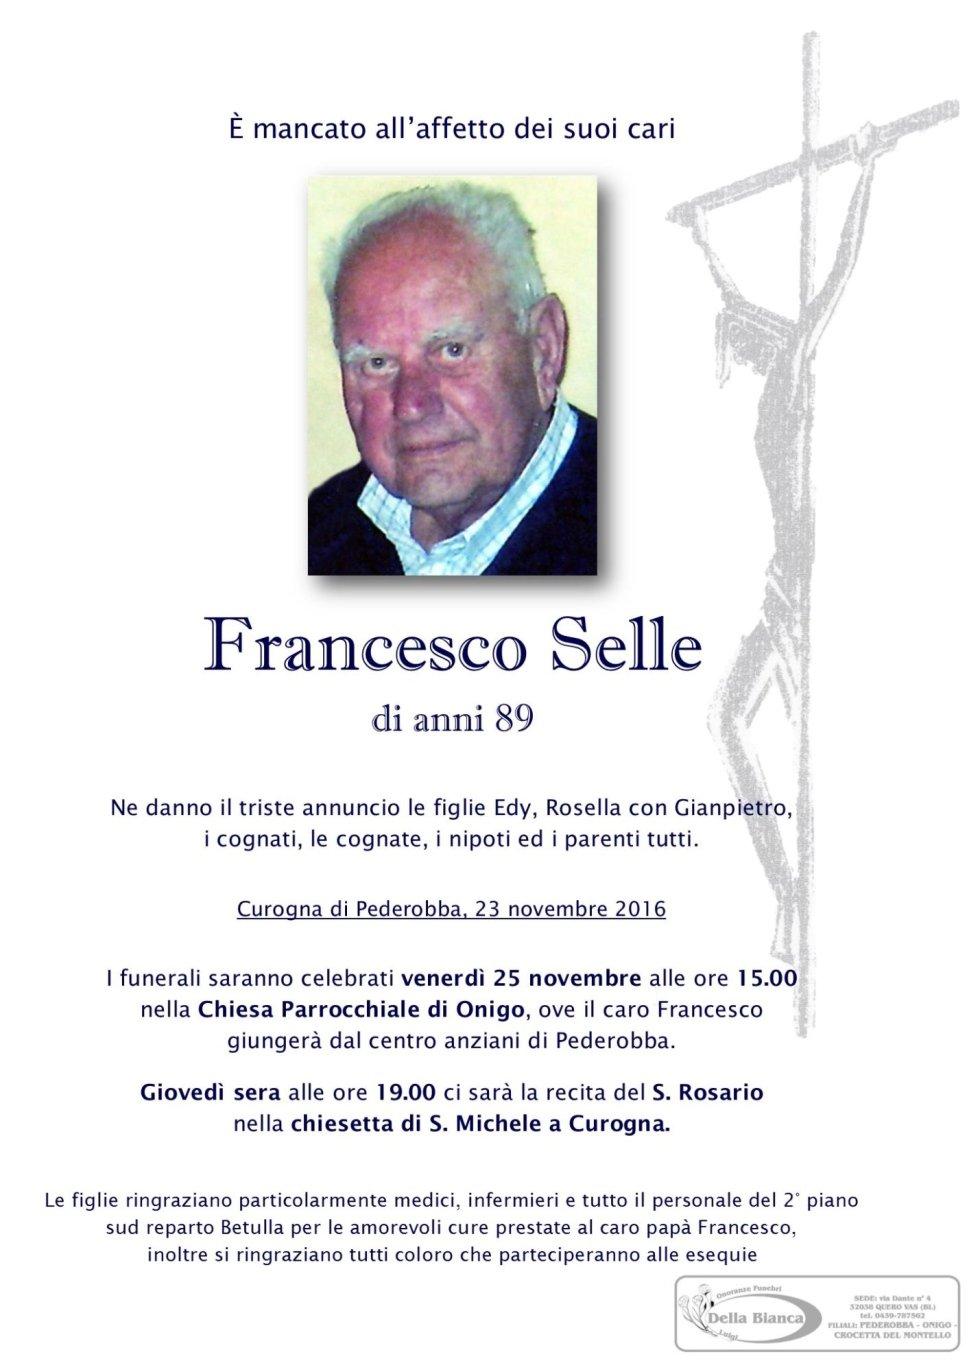 selle francesco